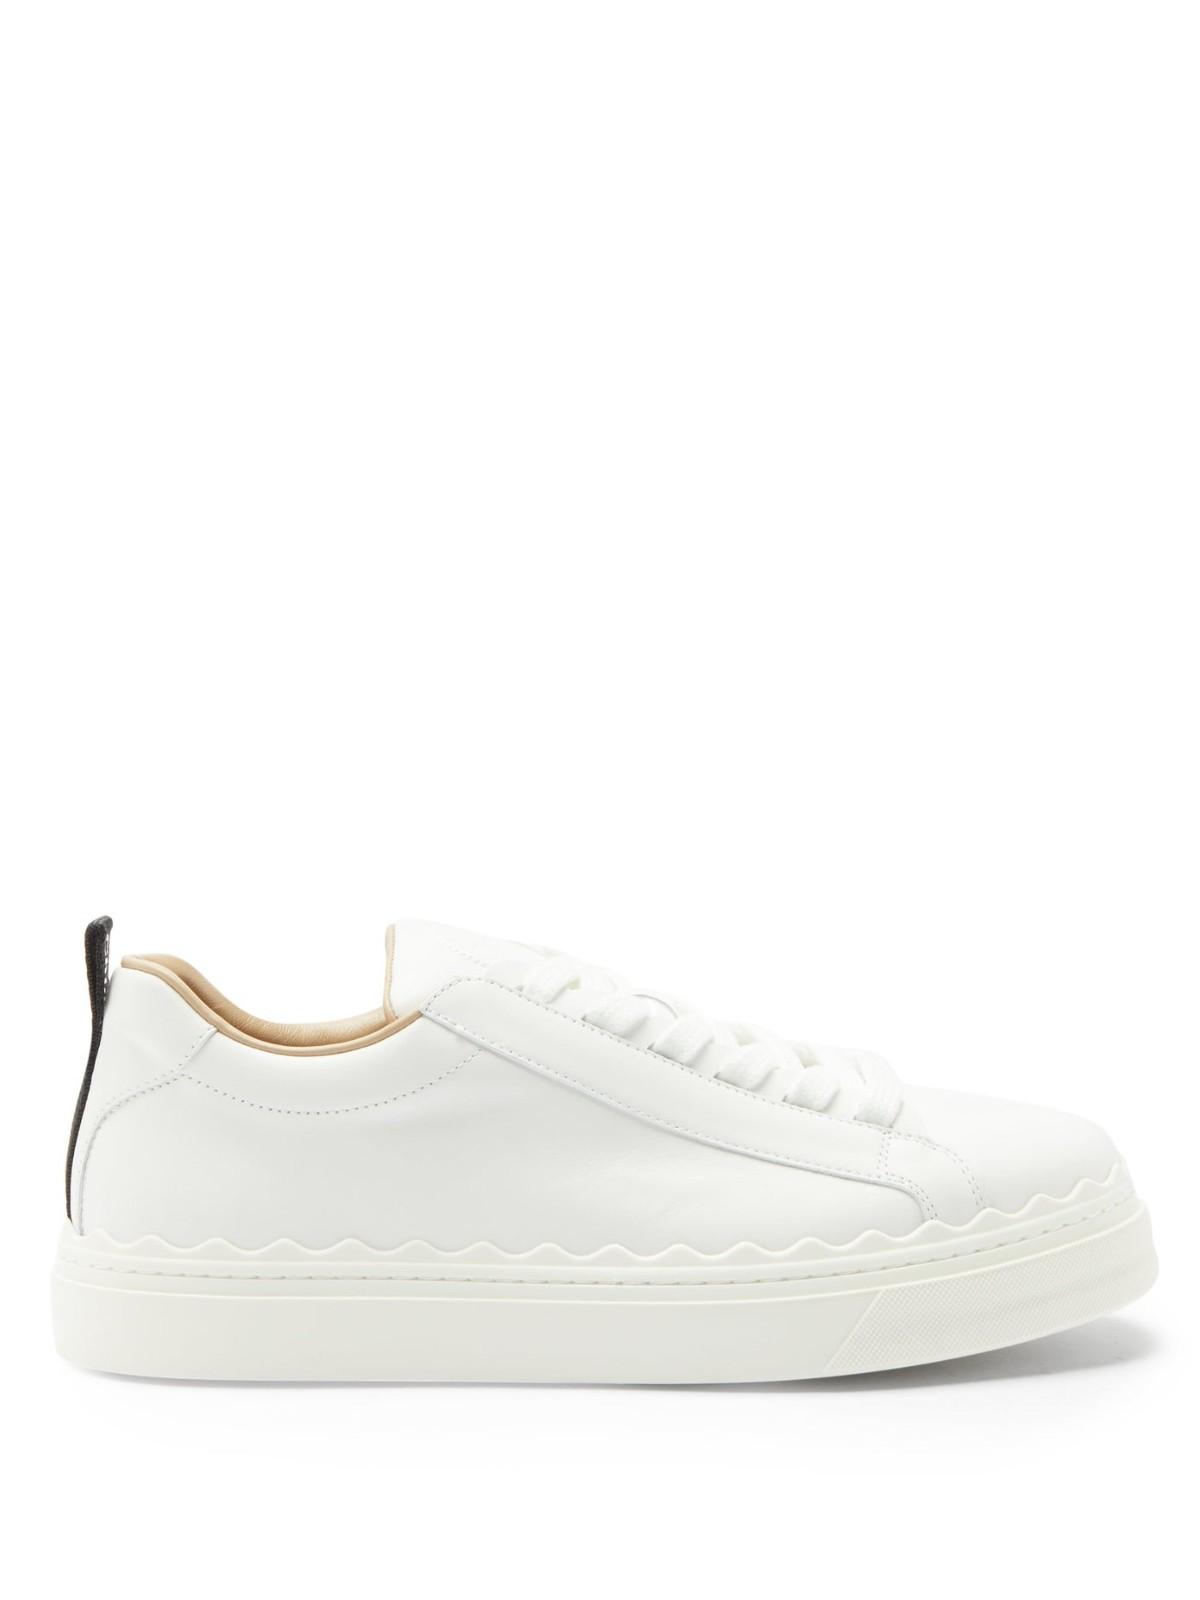 CHLOE 花瓣小白鞋